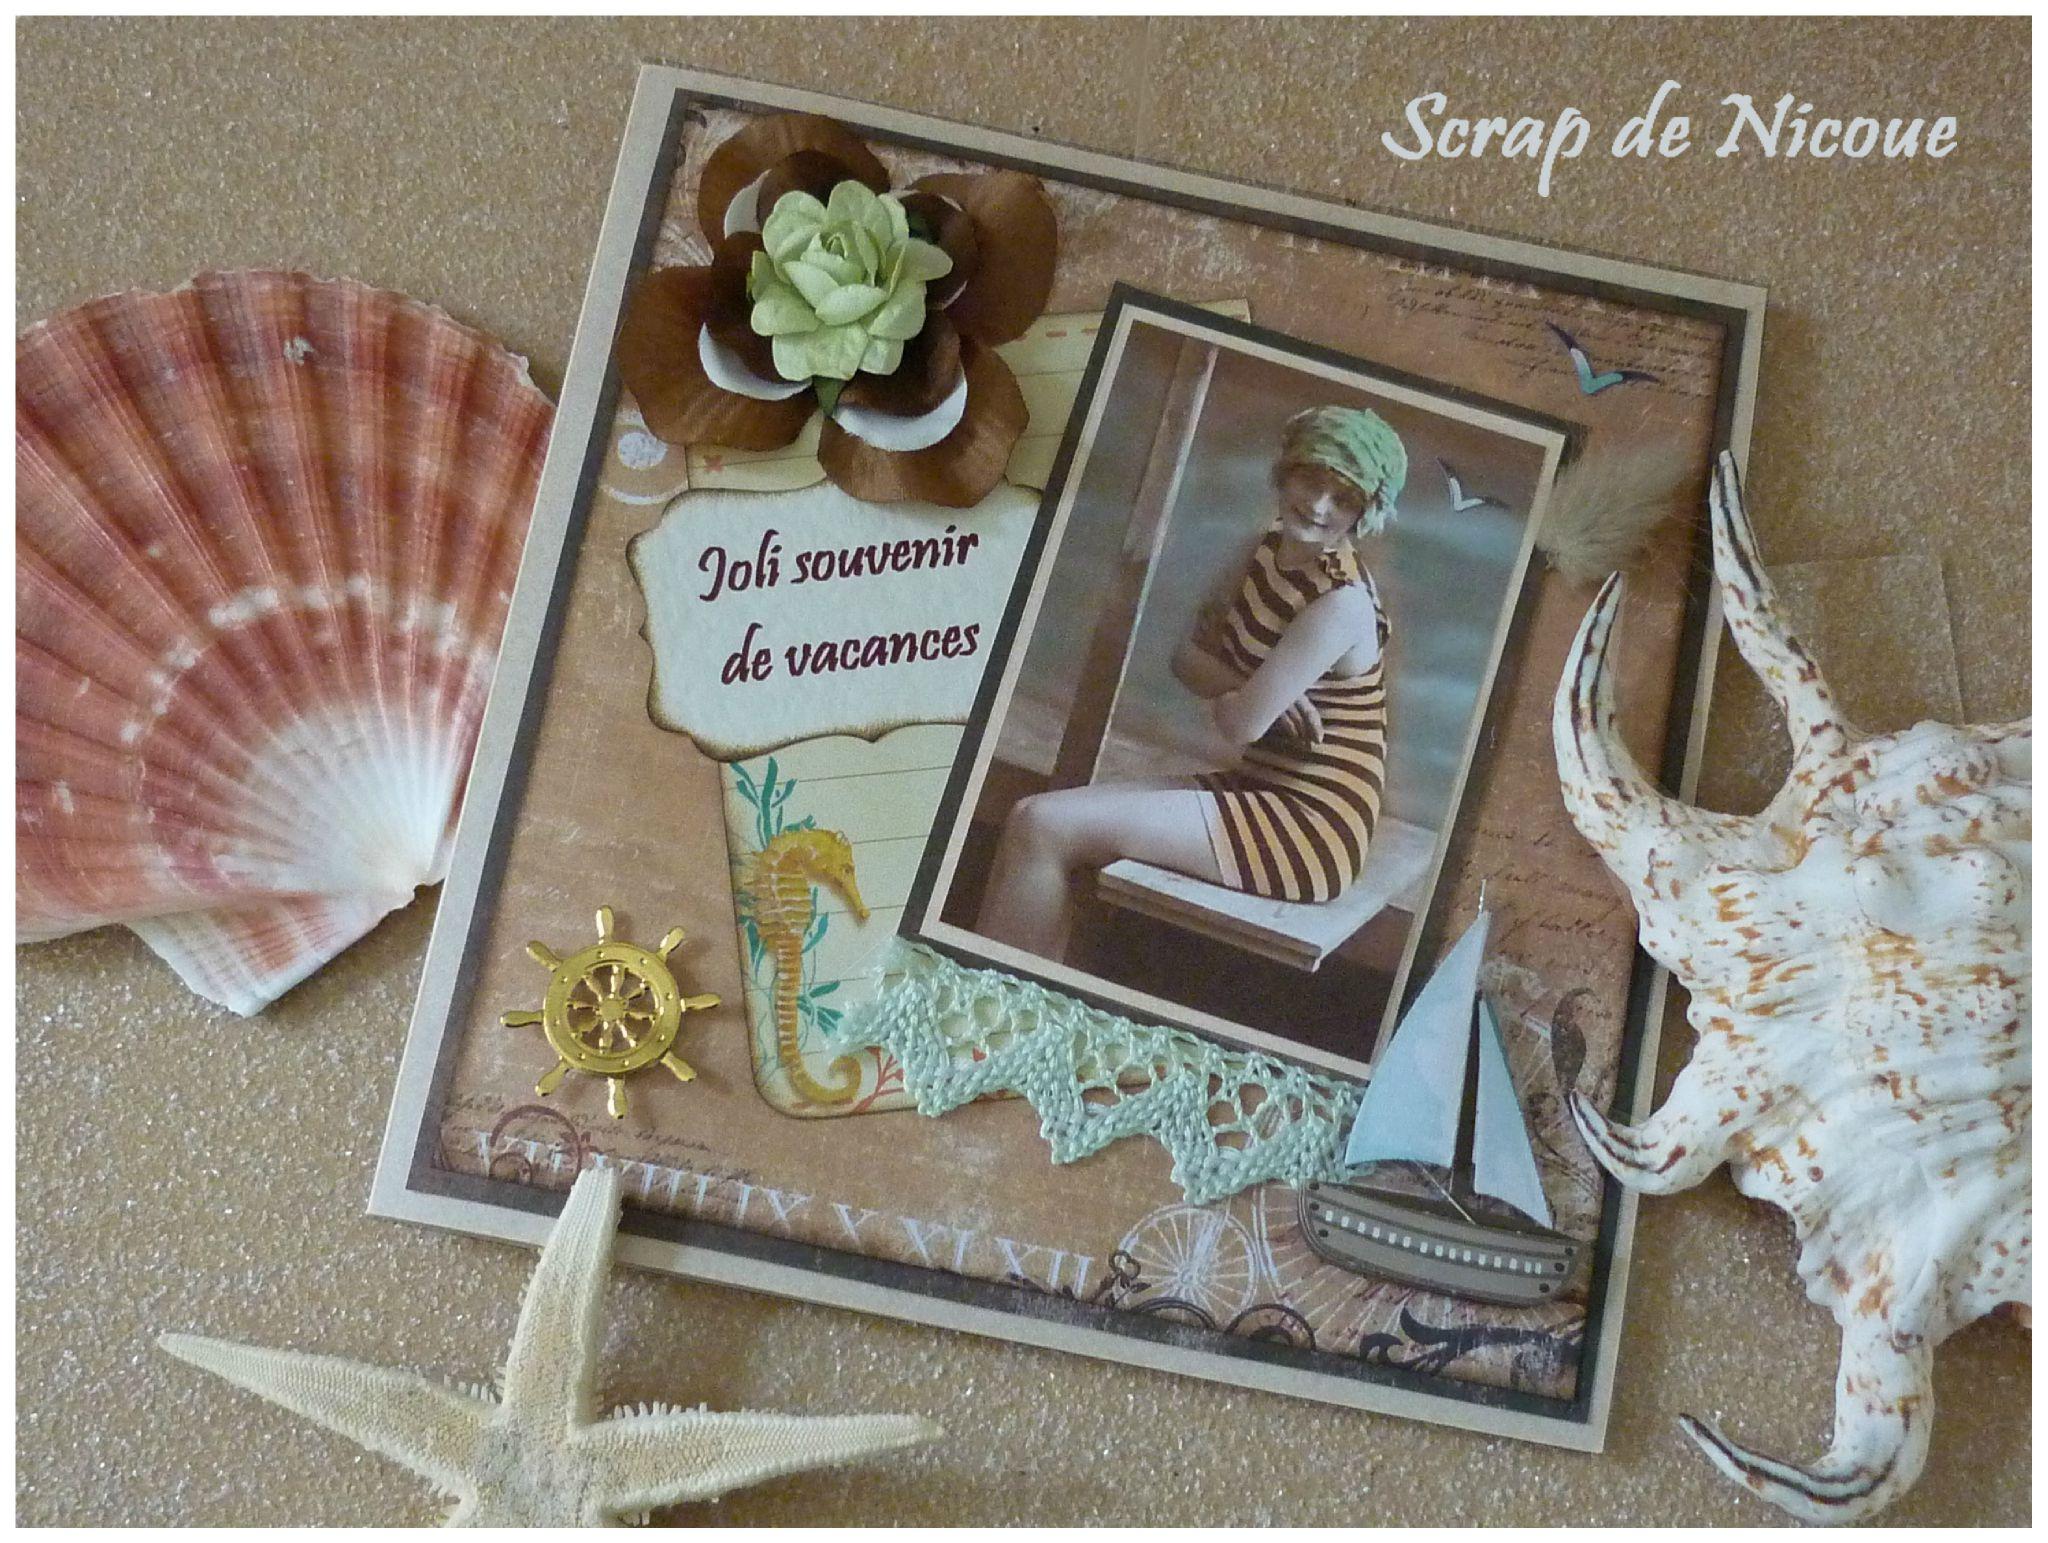 Joli souvenir de vacances ao t 2012 photo de cartes d 39 t scrap de n - Souvenir de vacances ...